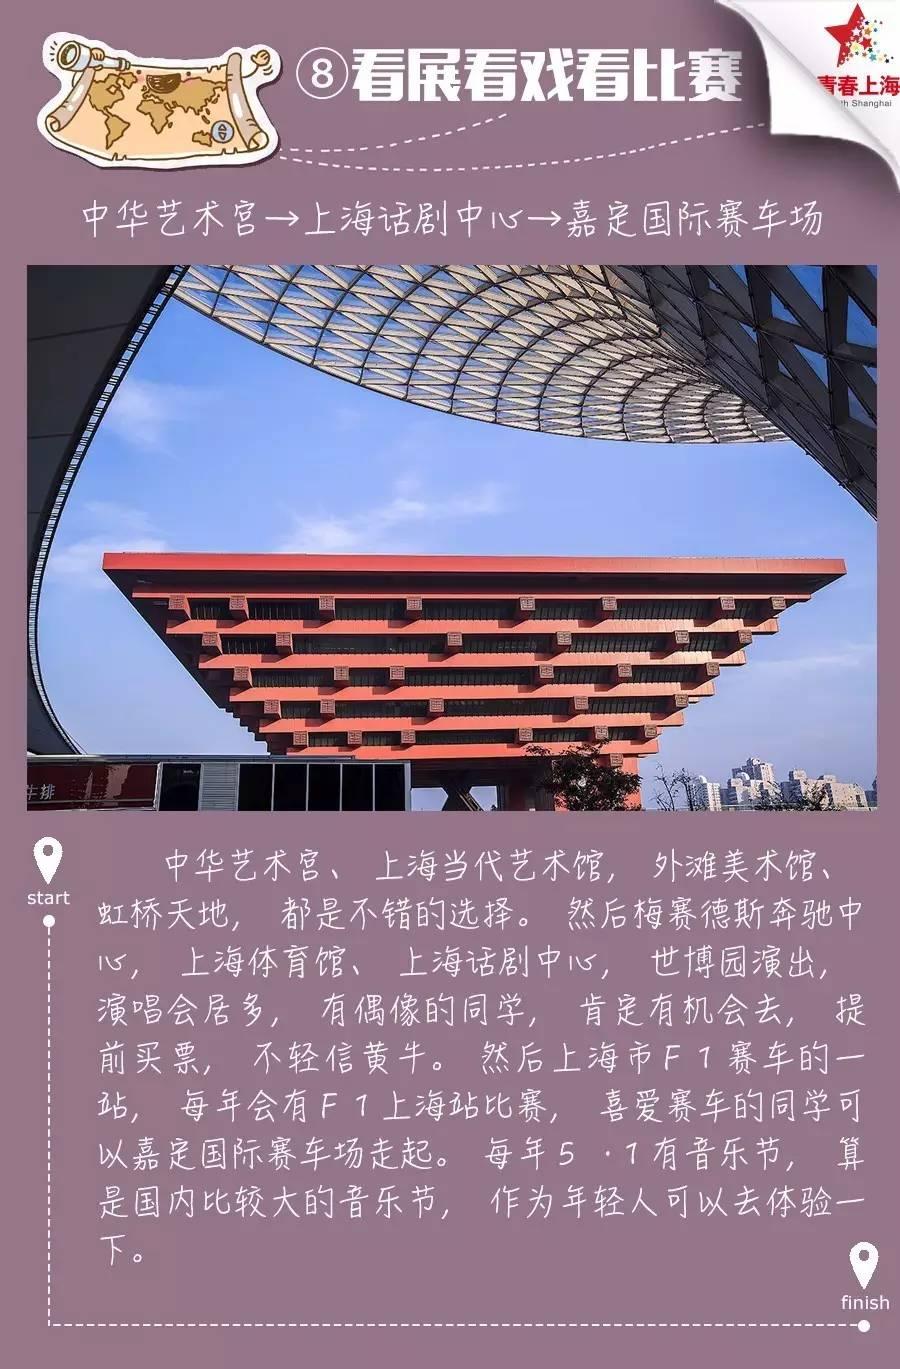 【魔都学长】上海地头蛇v学长攻略?密室学姐太阳逃脱11猎魔者秘笈攻略图片